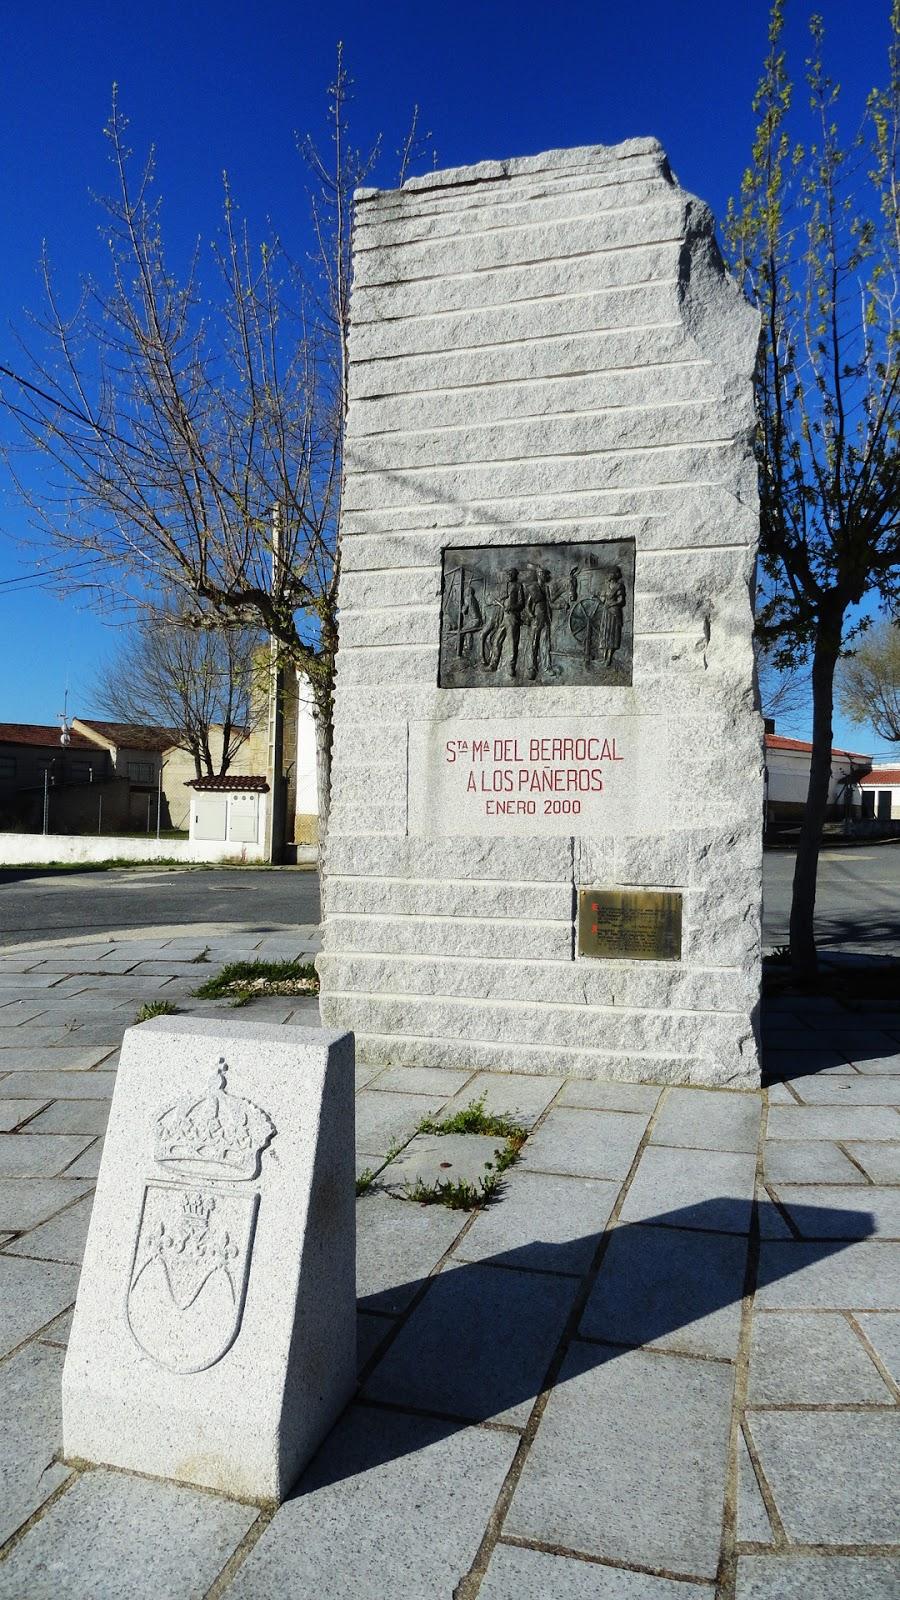 Resultado de imagen de monumento a los pañeros santa maría del berrocal